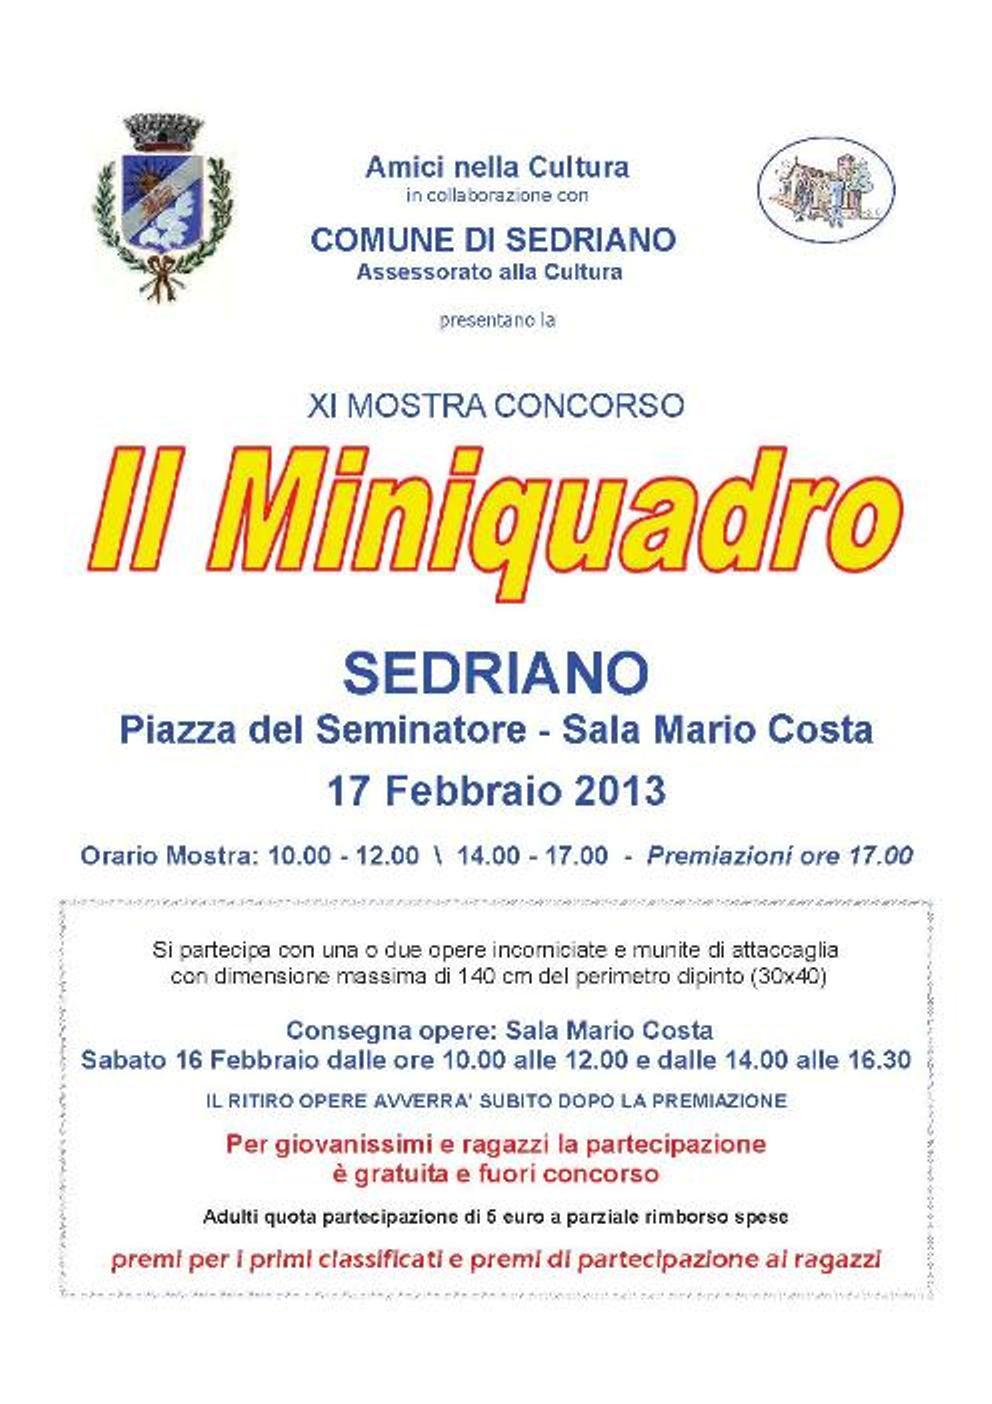 """anno 2013 Mostra Concorso """"Il Miniquadro"""" - Sedriano, 17 Febbraio 2013."""